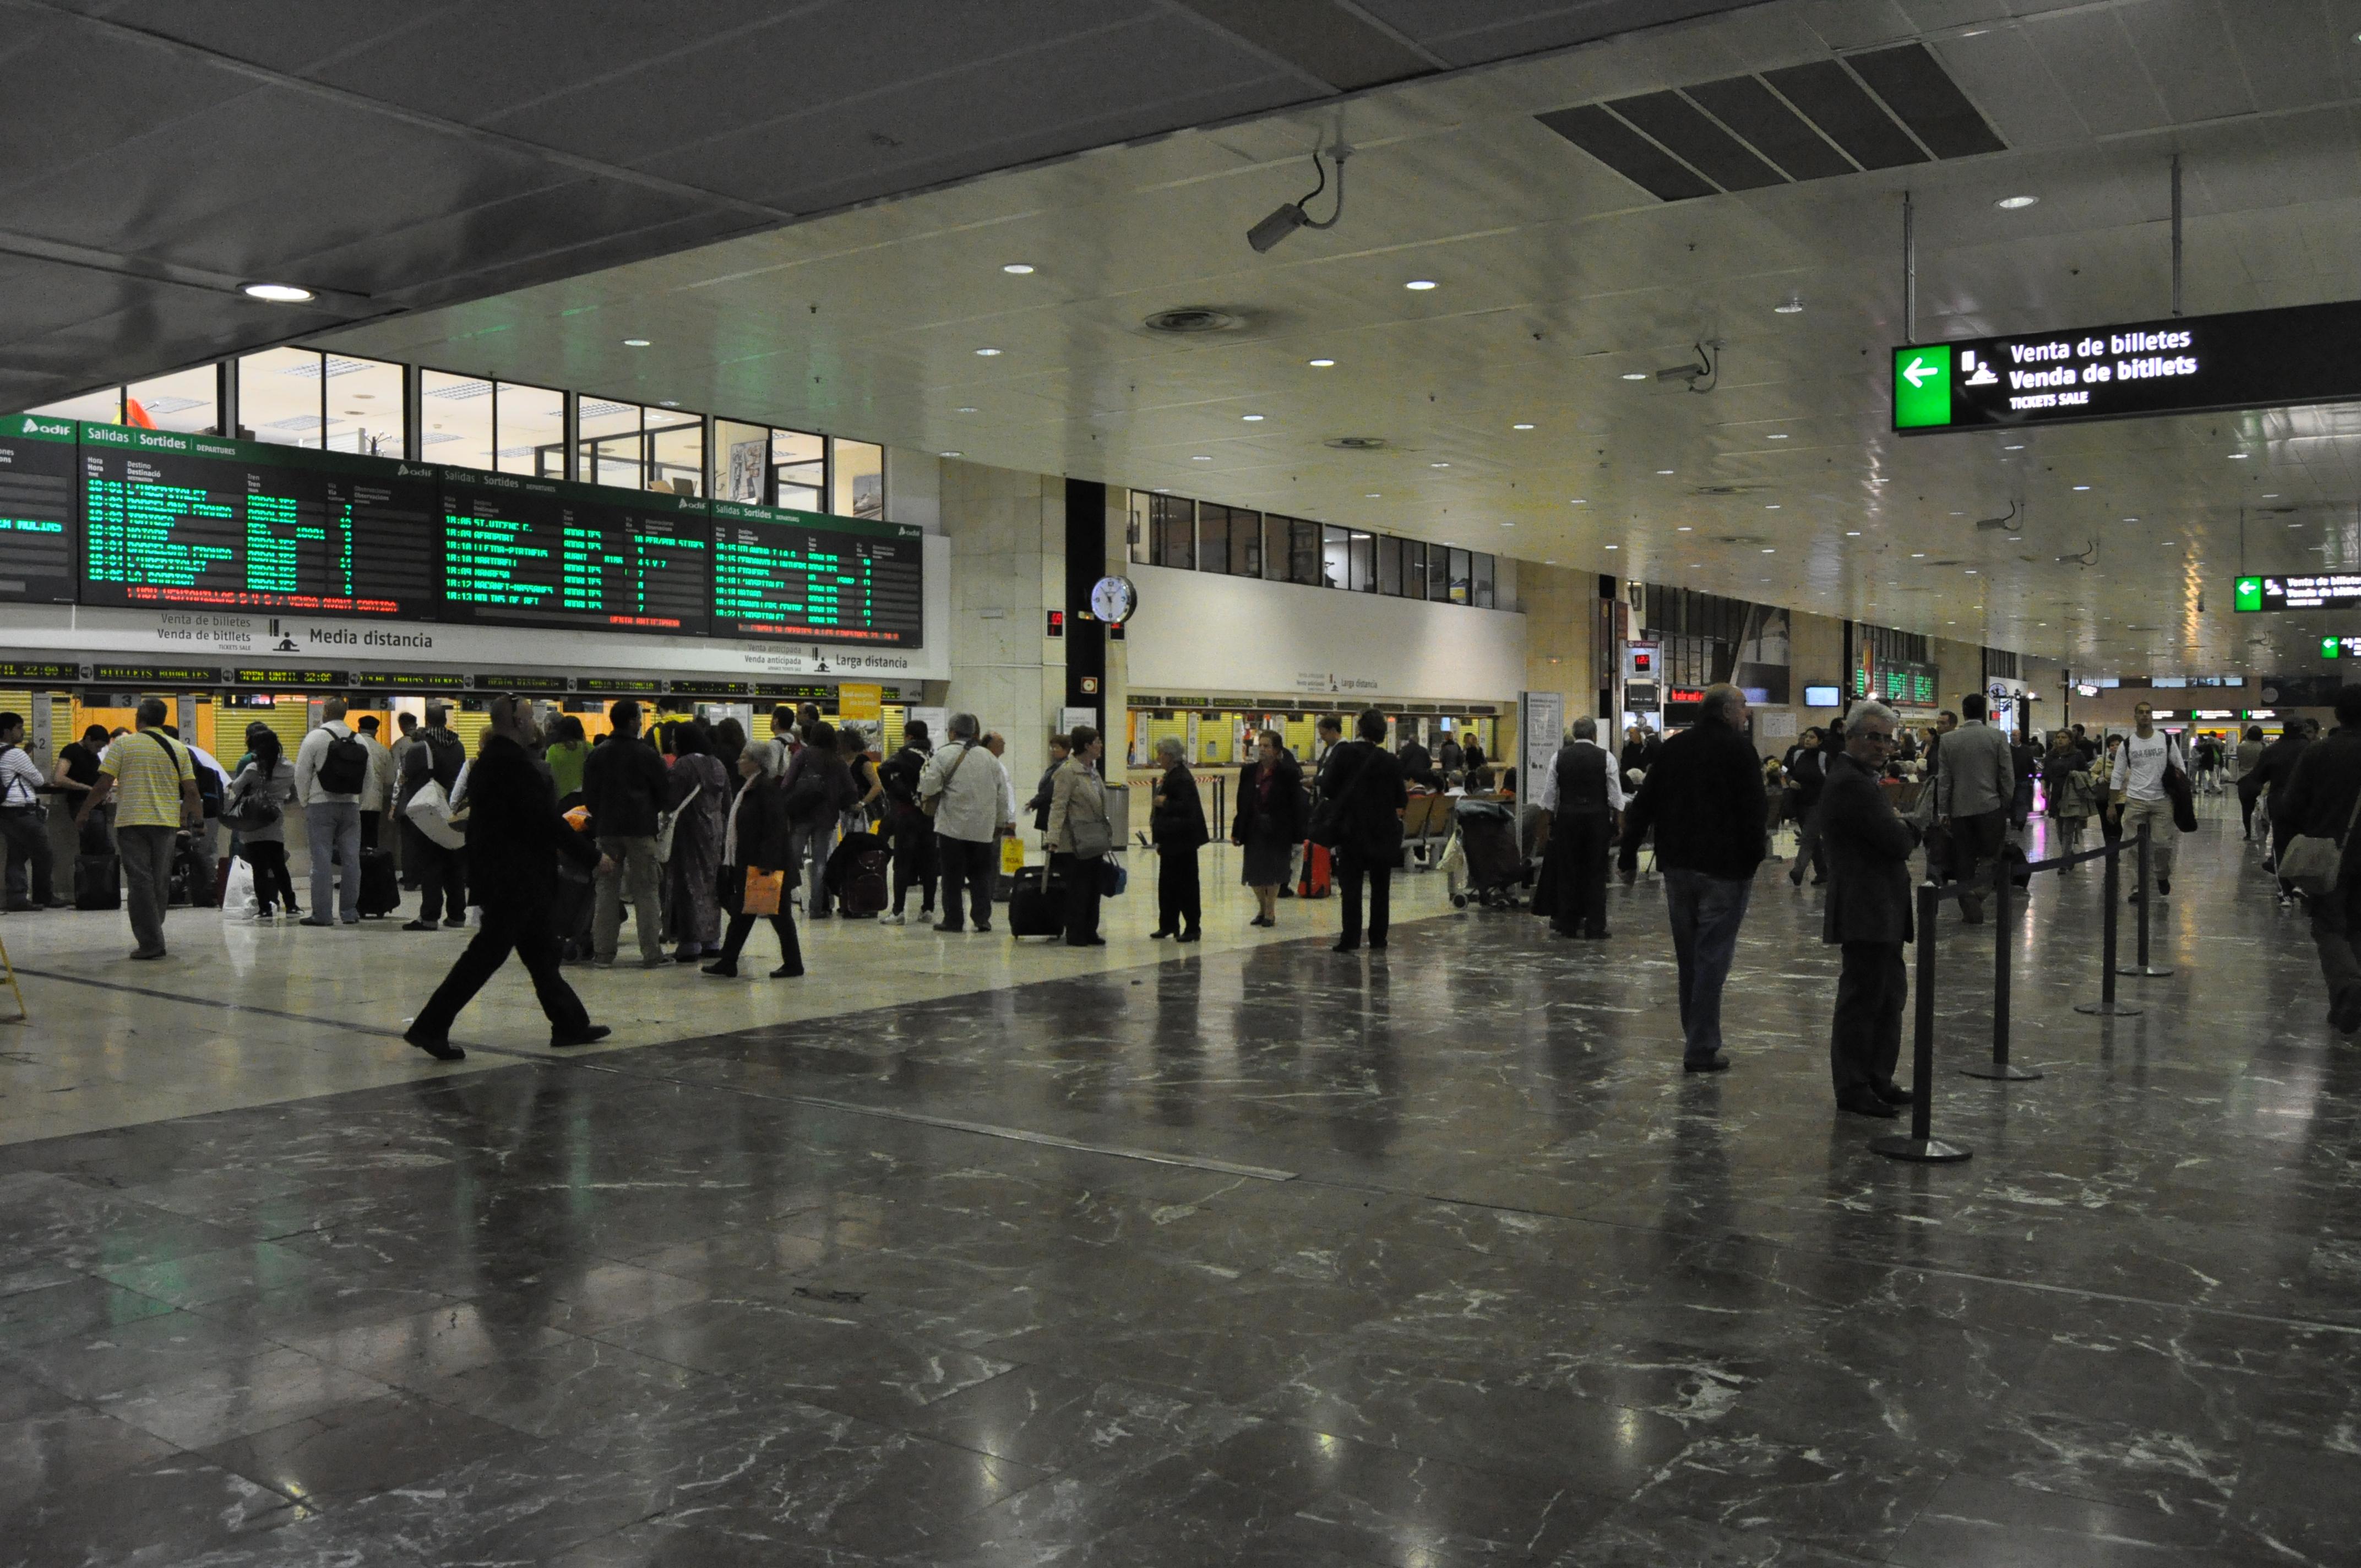 La Estación de Sants es la principal estación de Barcelona con 30 millones de pasajeros por año / Фото: Wikipedia (C.C.)